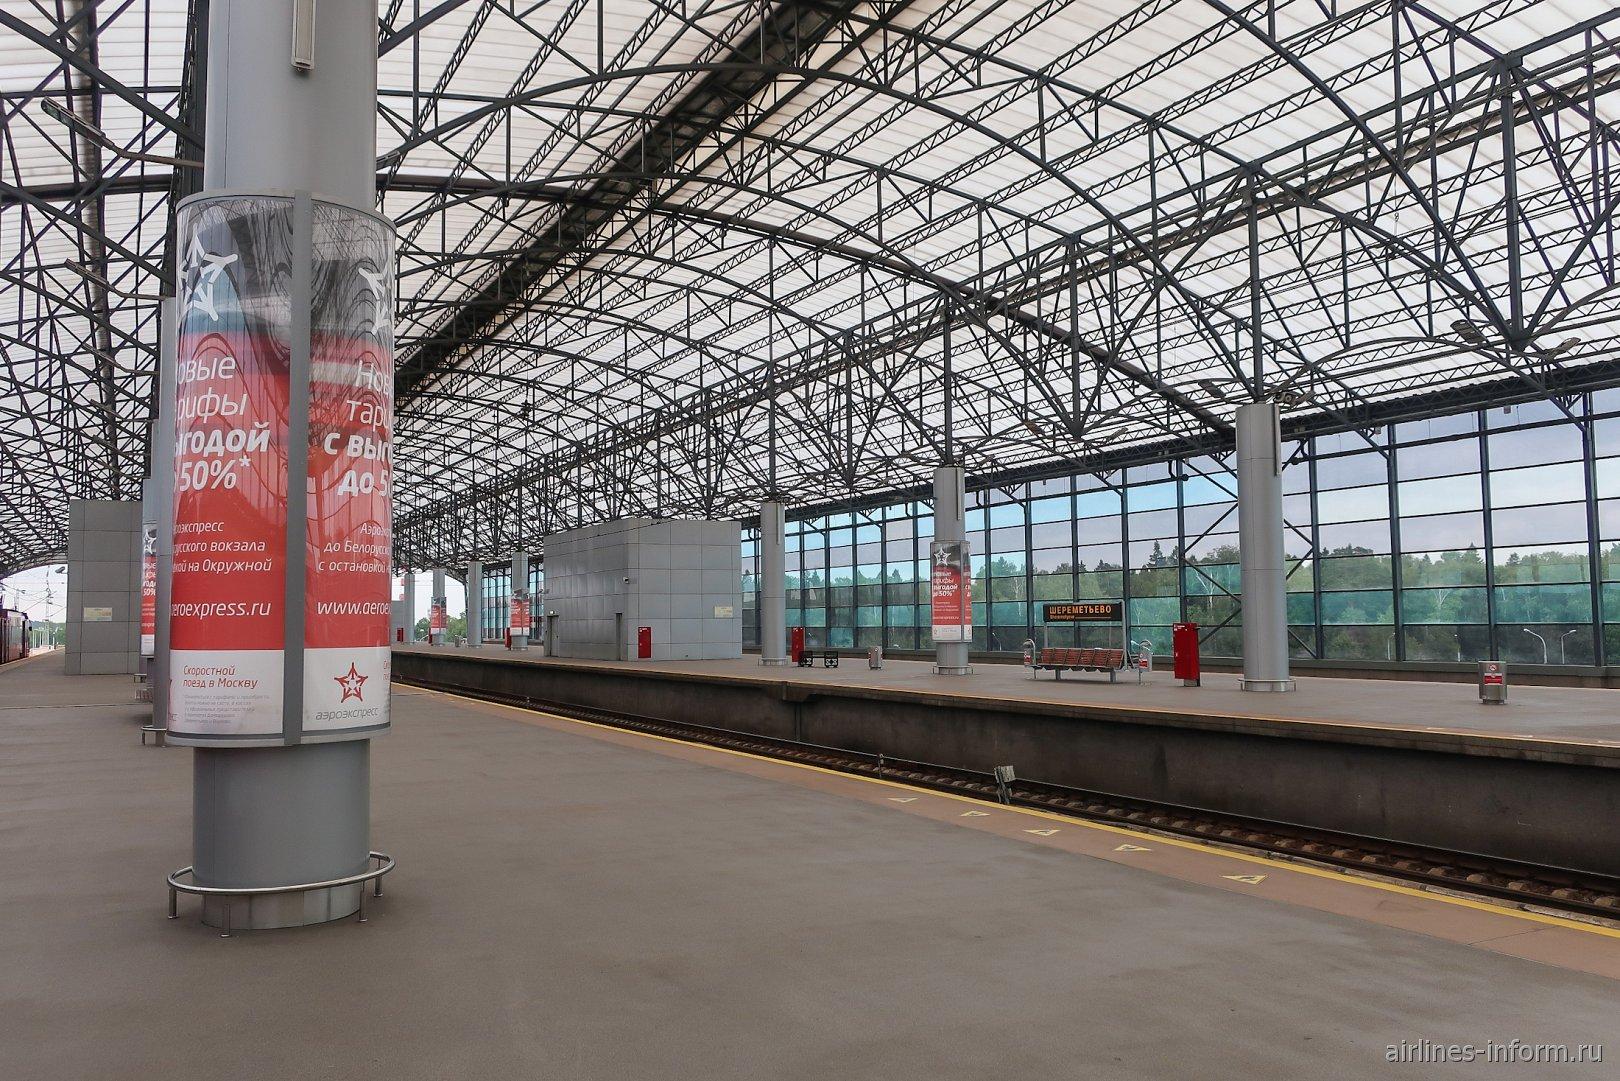 Железнодорожная станция Аэроэкспресса в аэропорту Шереметьево